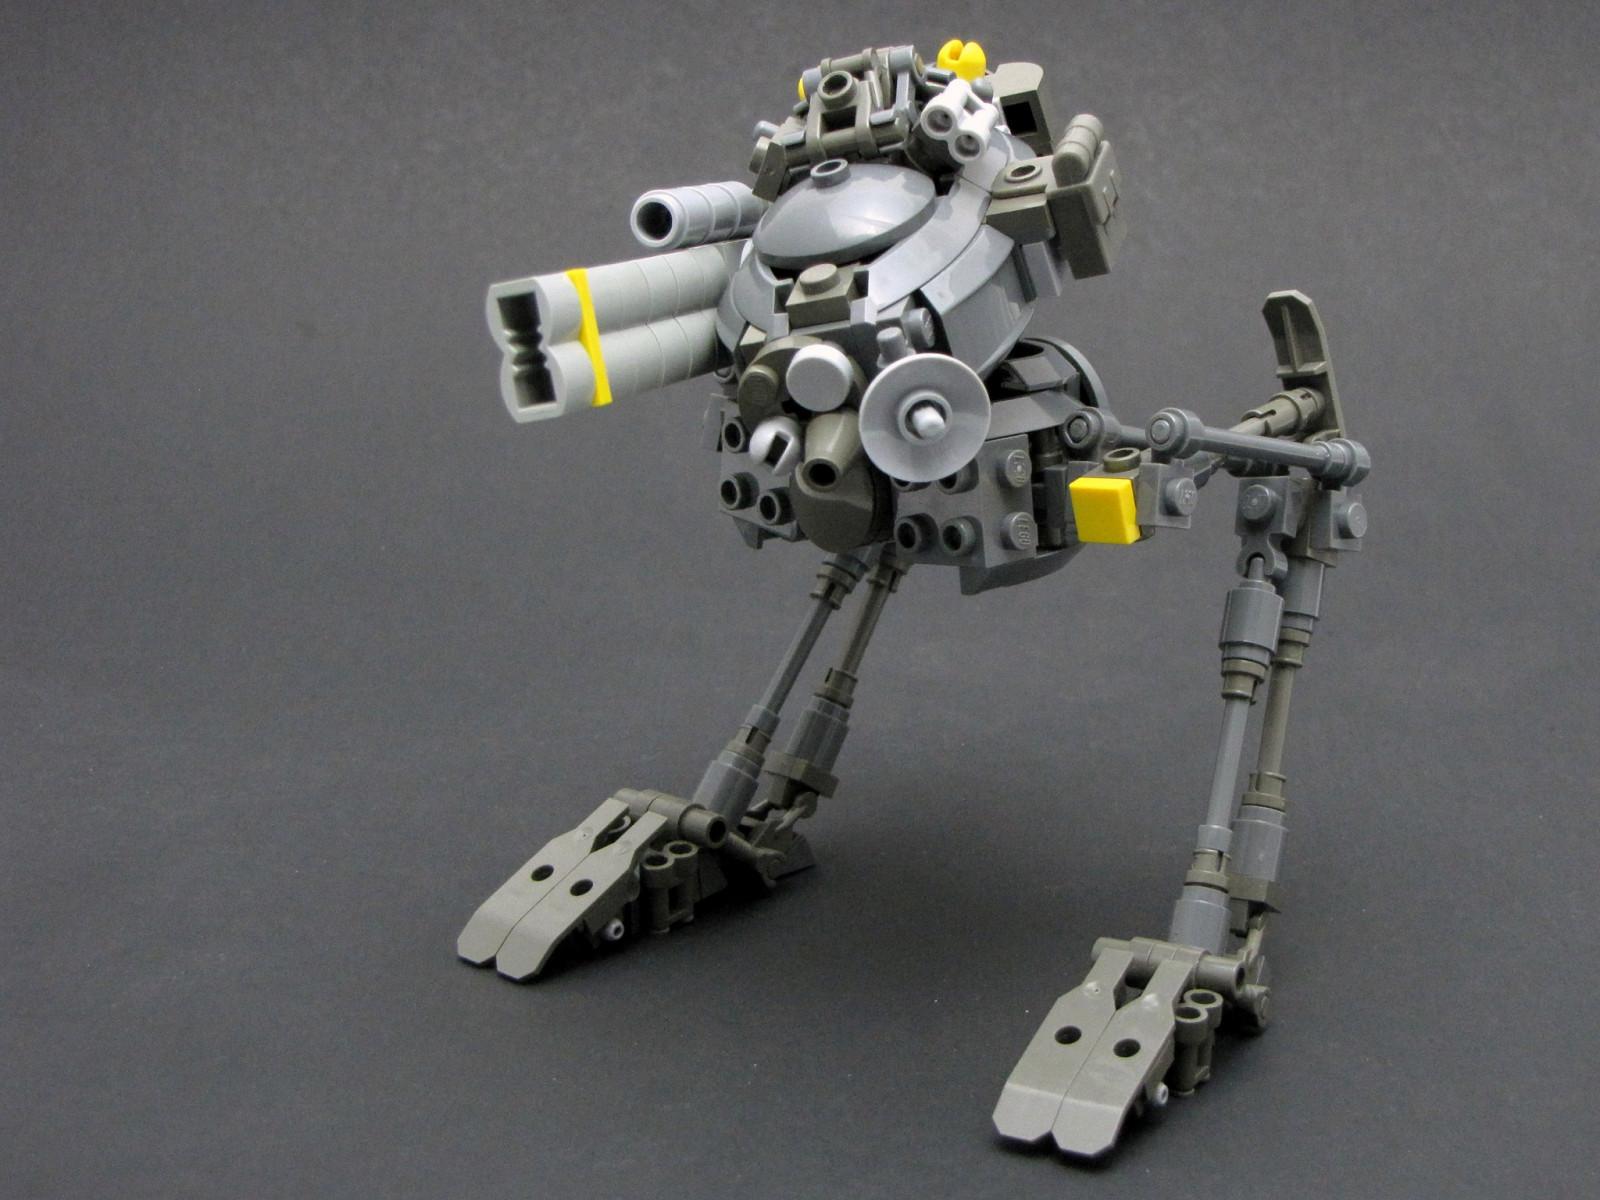 Wallpaper : LEGO, mech, technology, Toy, machine, walker ...